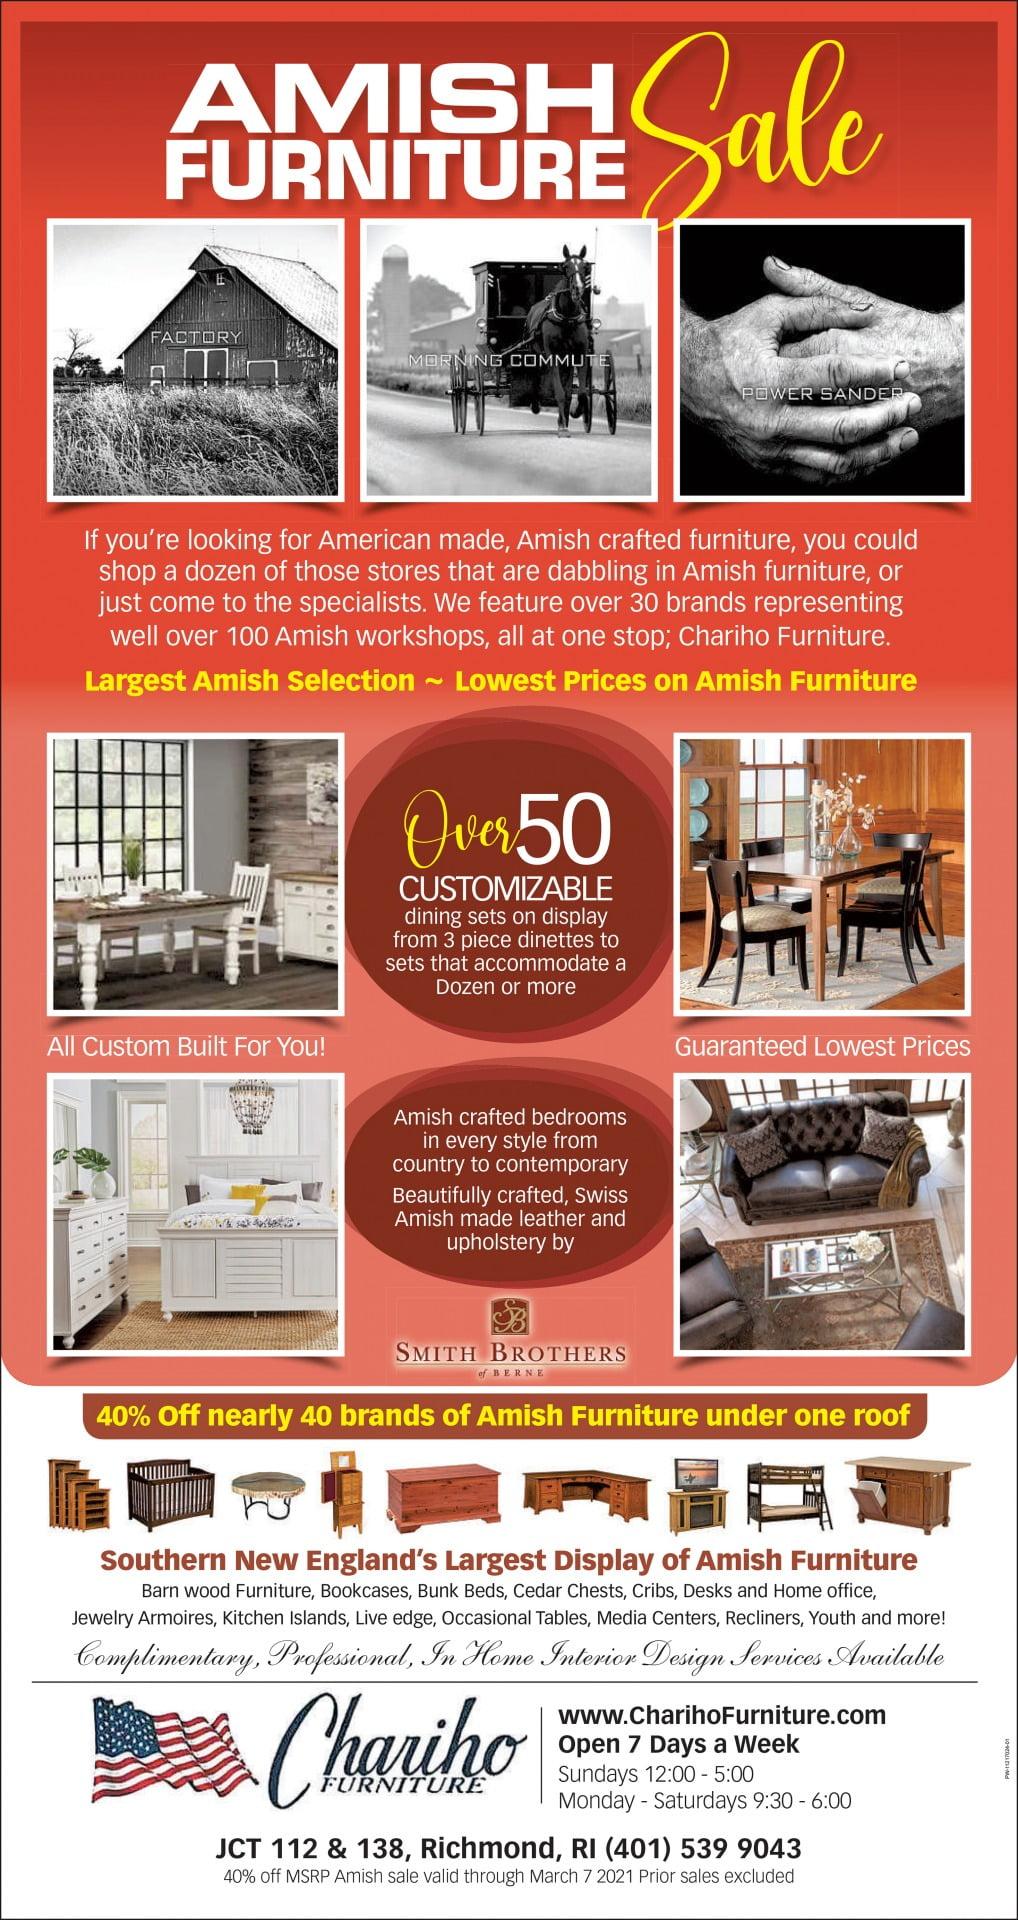 Chariho Furniture Feb 2021 ad